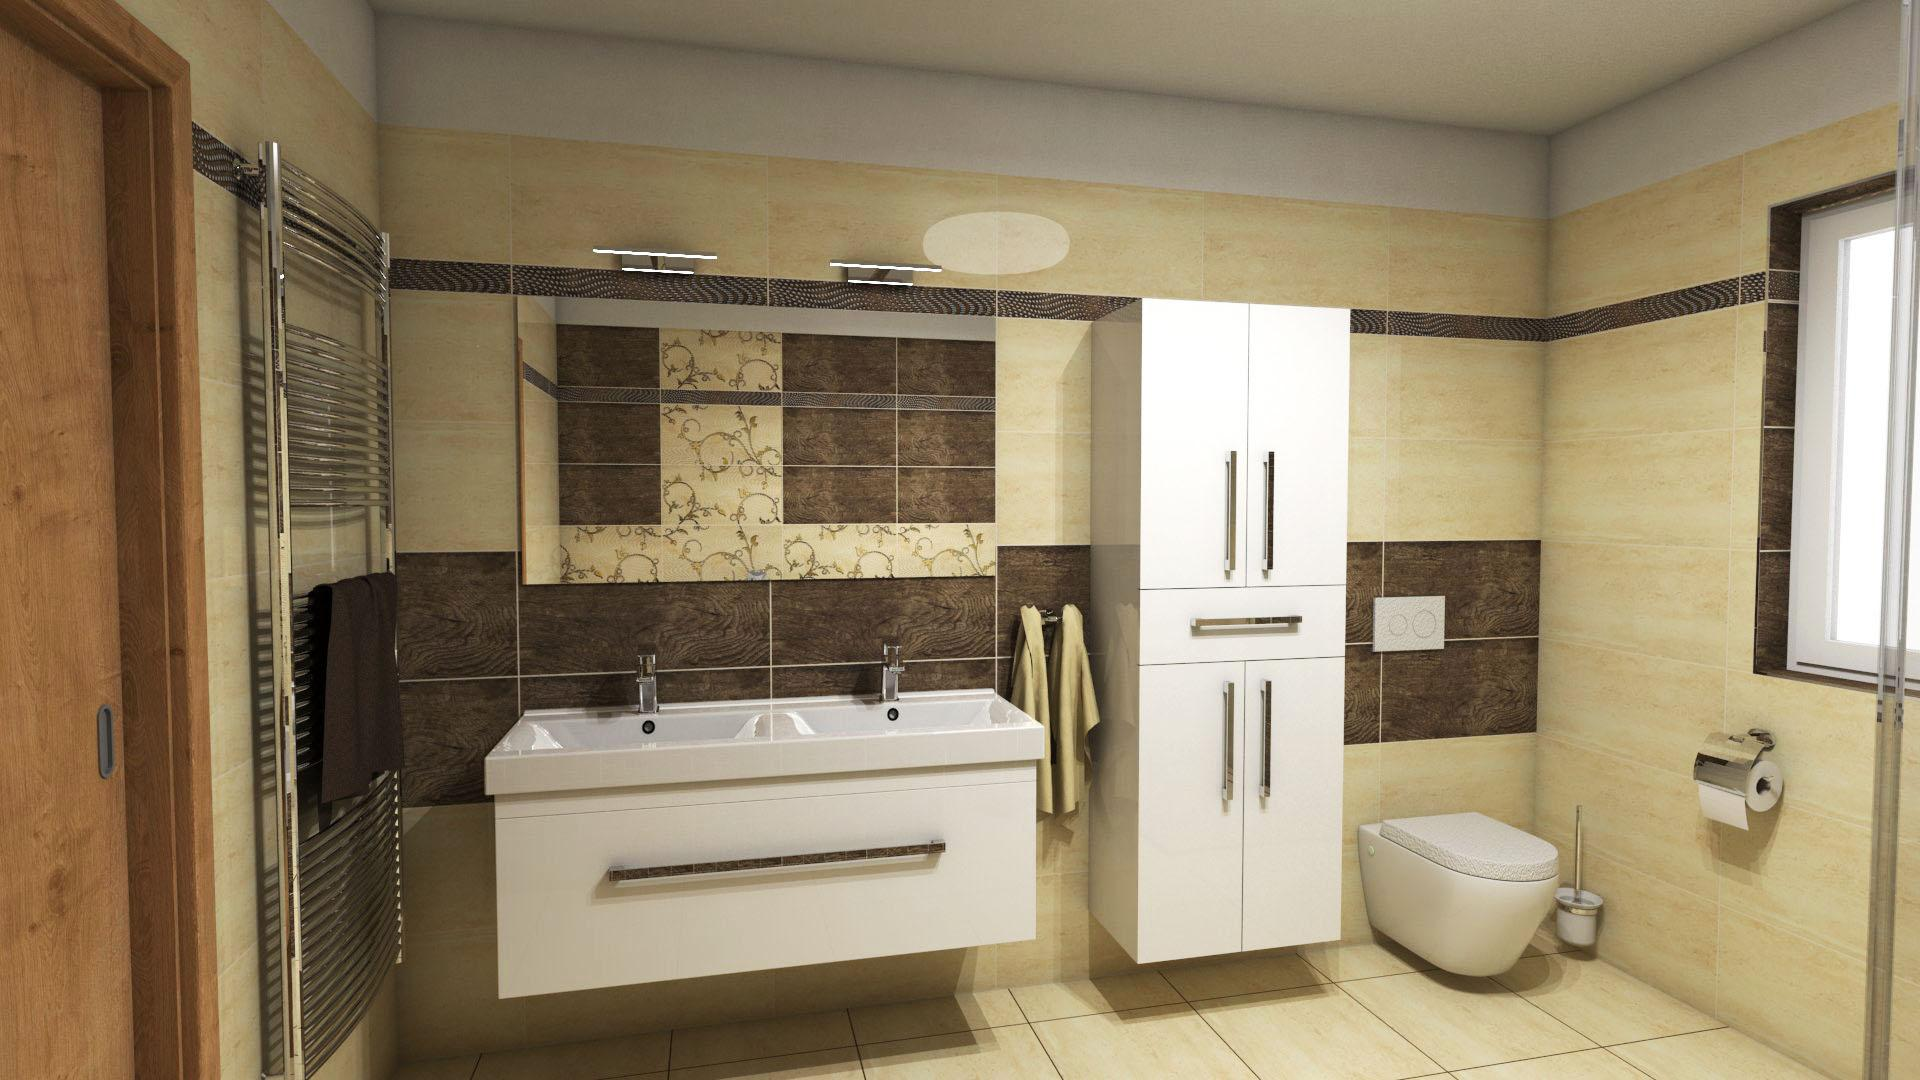 Koupelny a wc - https://www.decons.cz/galerie/koupelny-a-wc/koupelna-3/